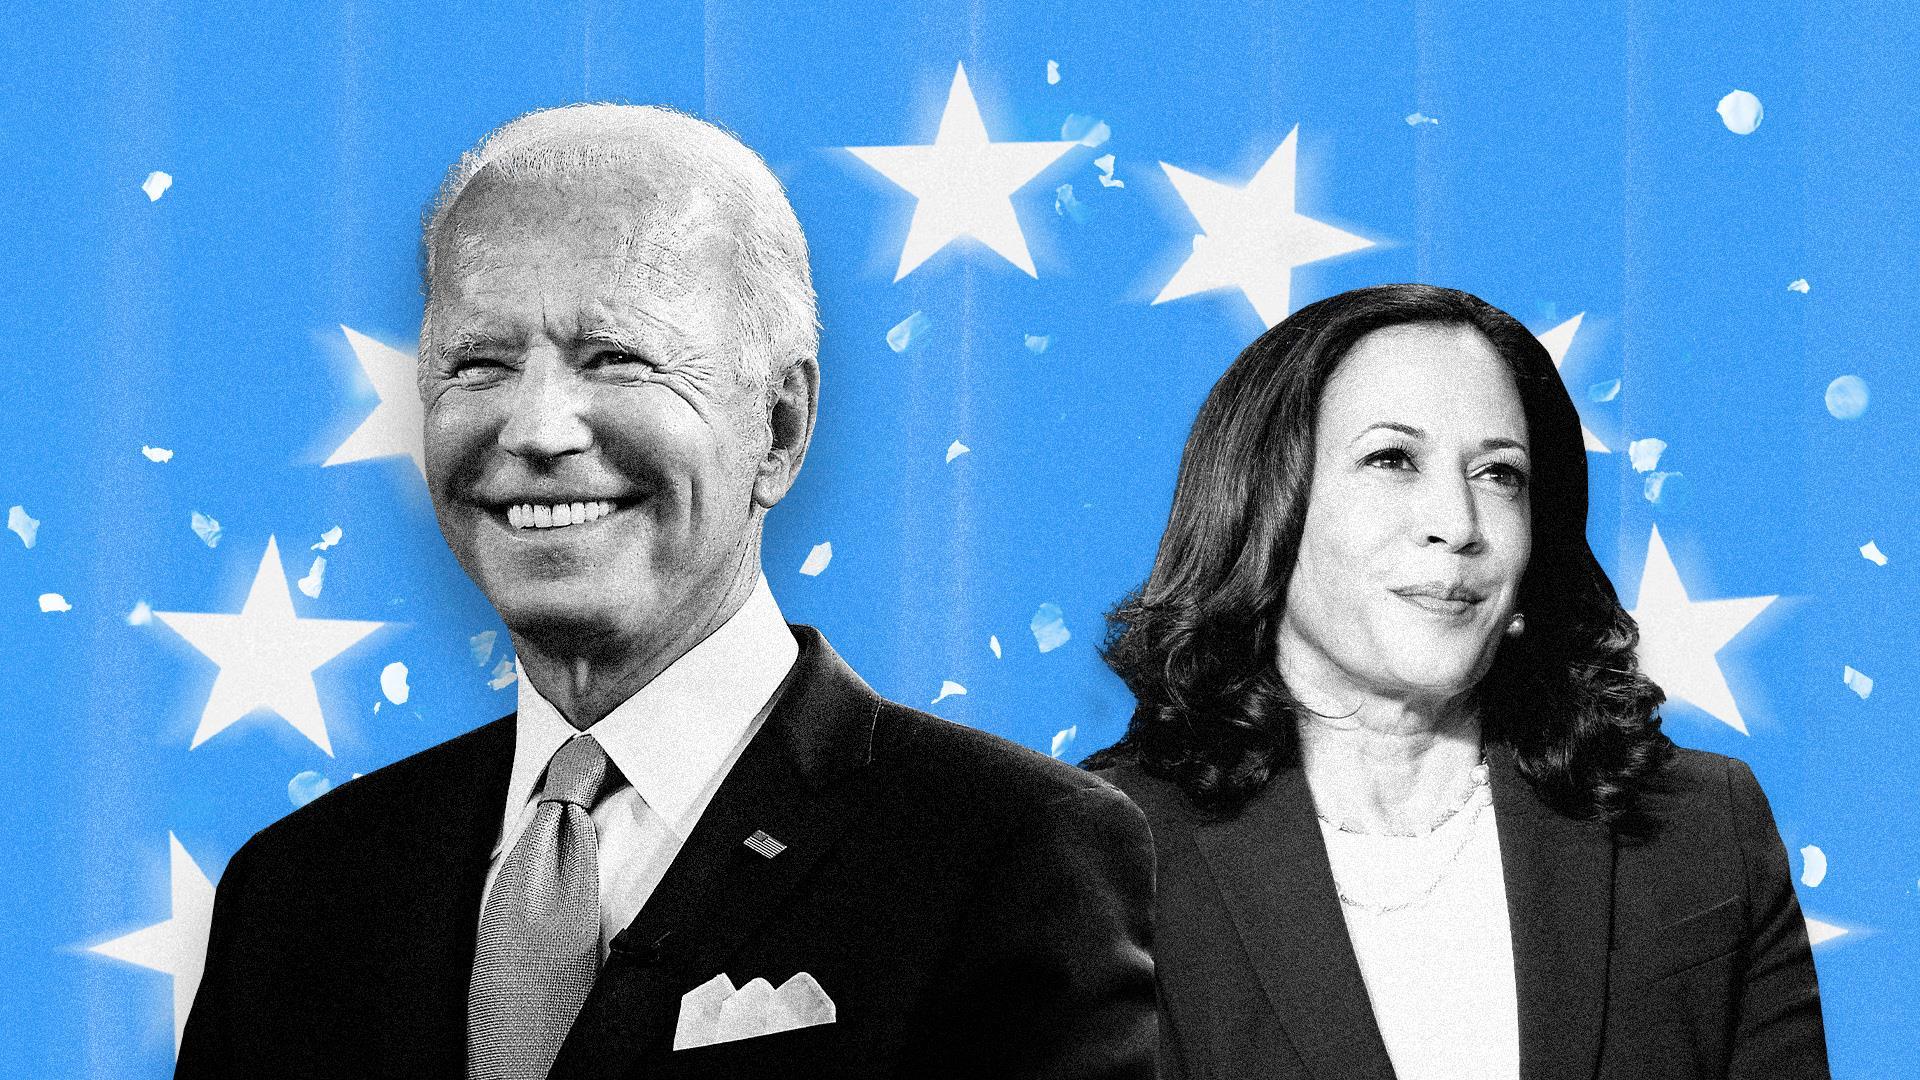 Watch Live Joe Biden And Kamala Harris Speak After Projected Presidential Win